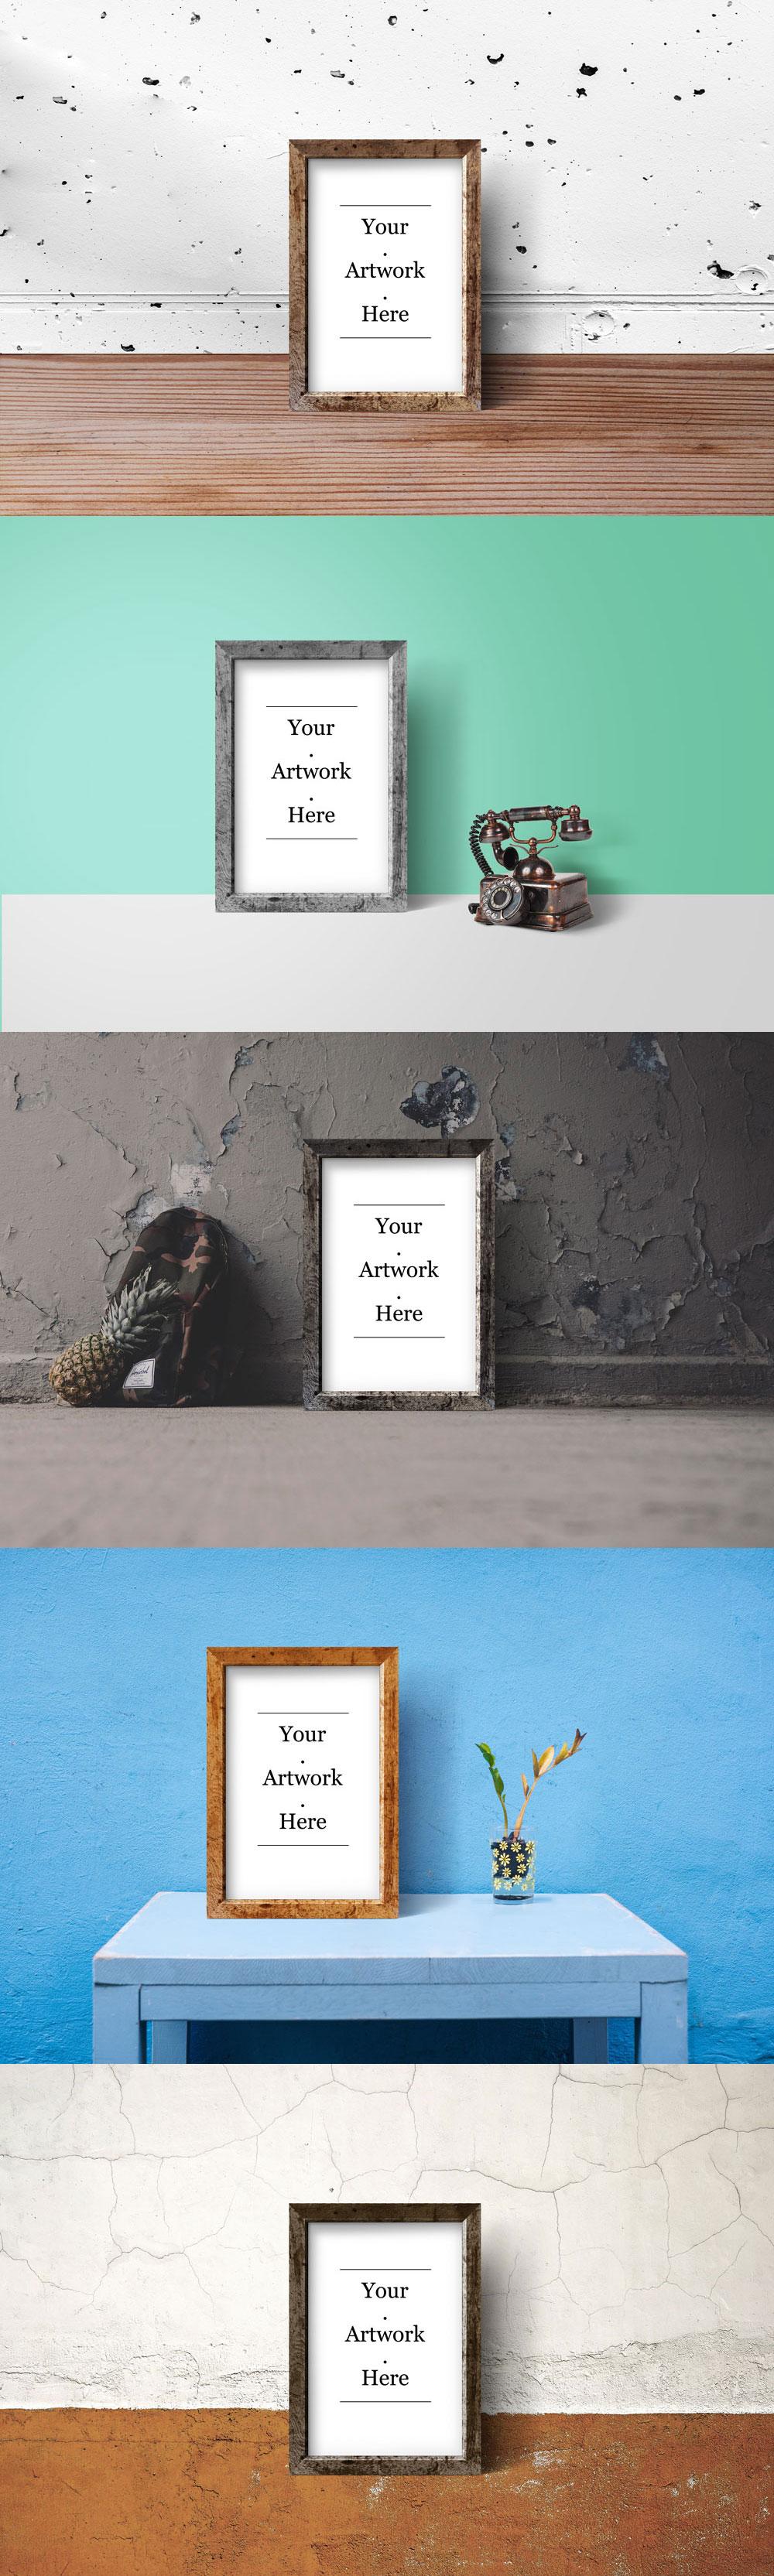 手工木质框架海报&照片展示模型(Mockup)下载[PSD]-yunrui-co